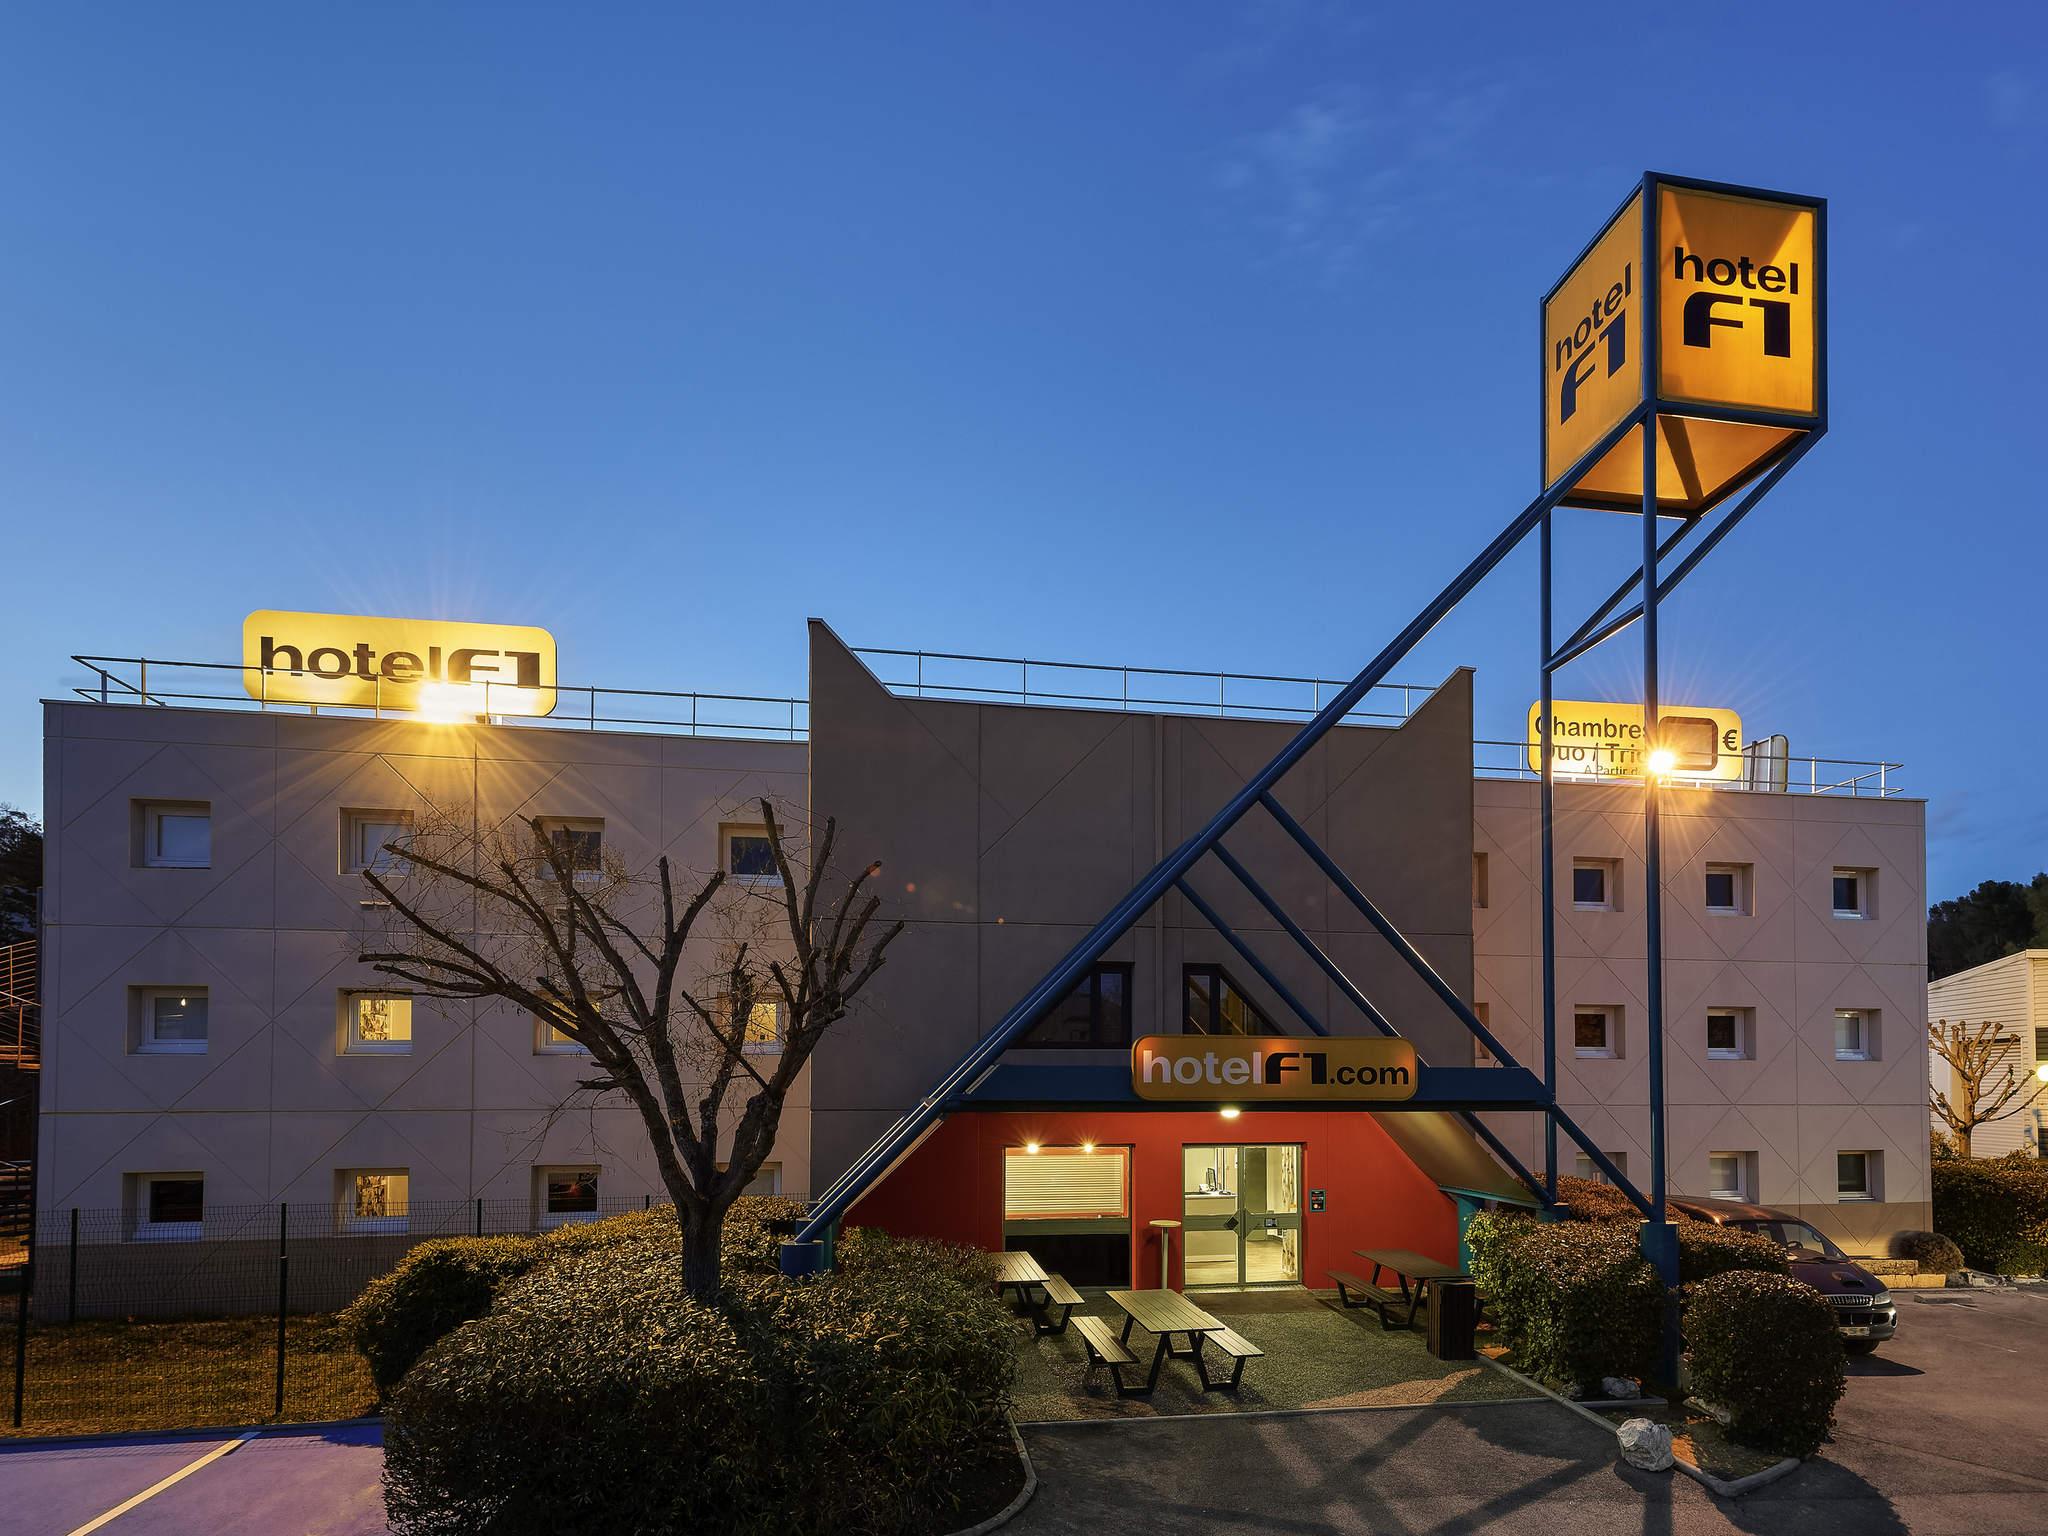 Hotel In MARSEILLE HotelF1 Marseille Valentine